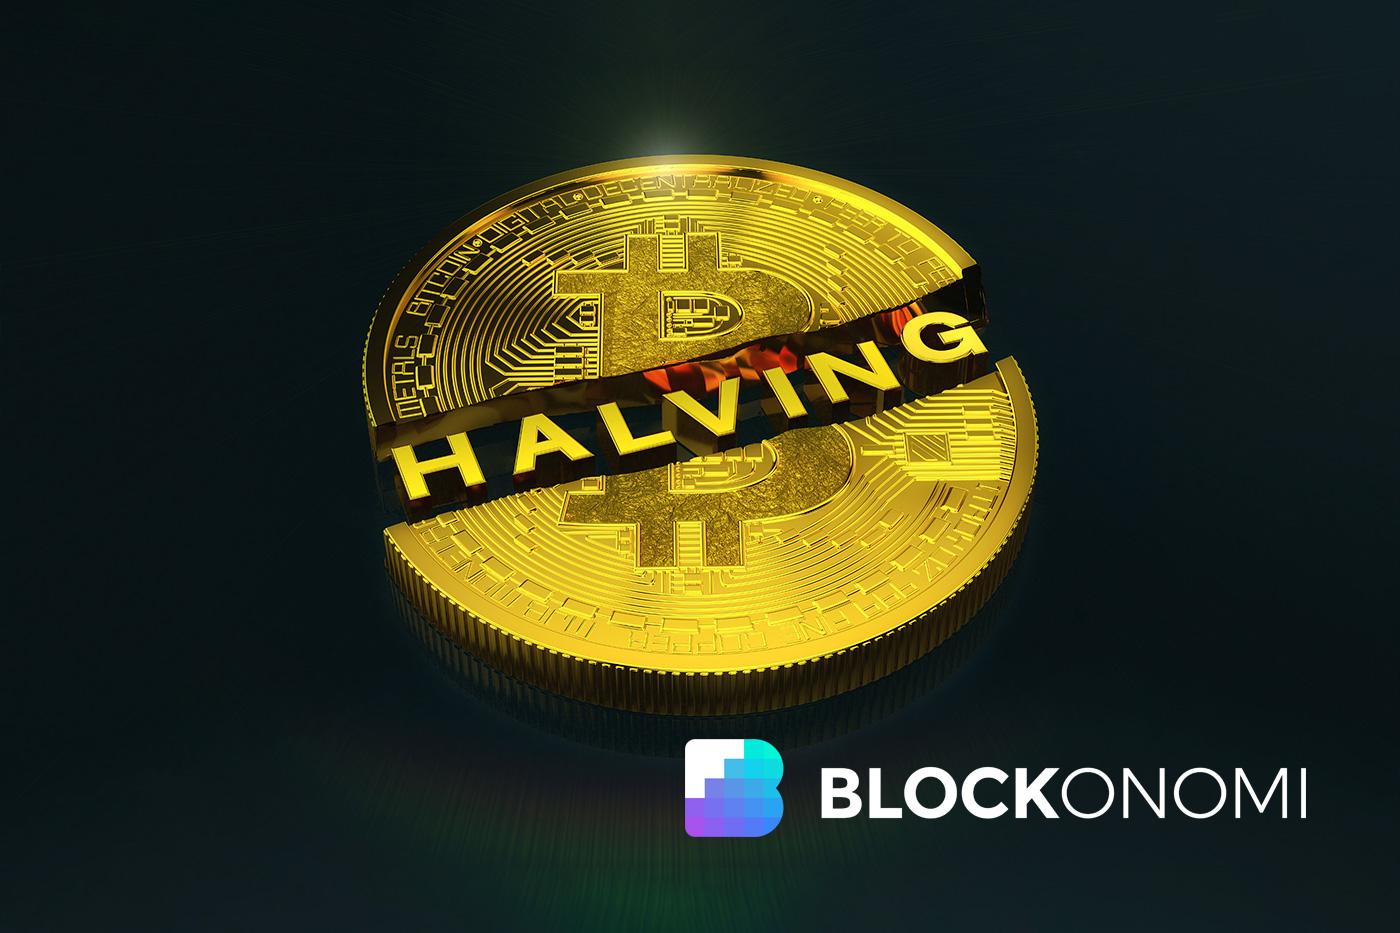 Harga Bitcoin Mengalami Volatilitas Ekstrim dengan Membagi Dua Jam